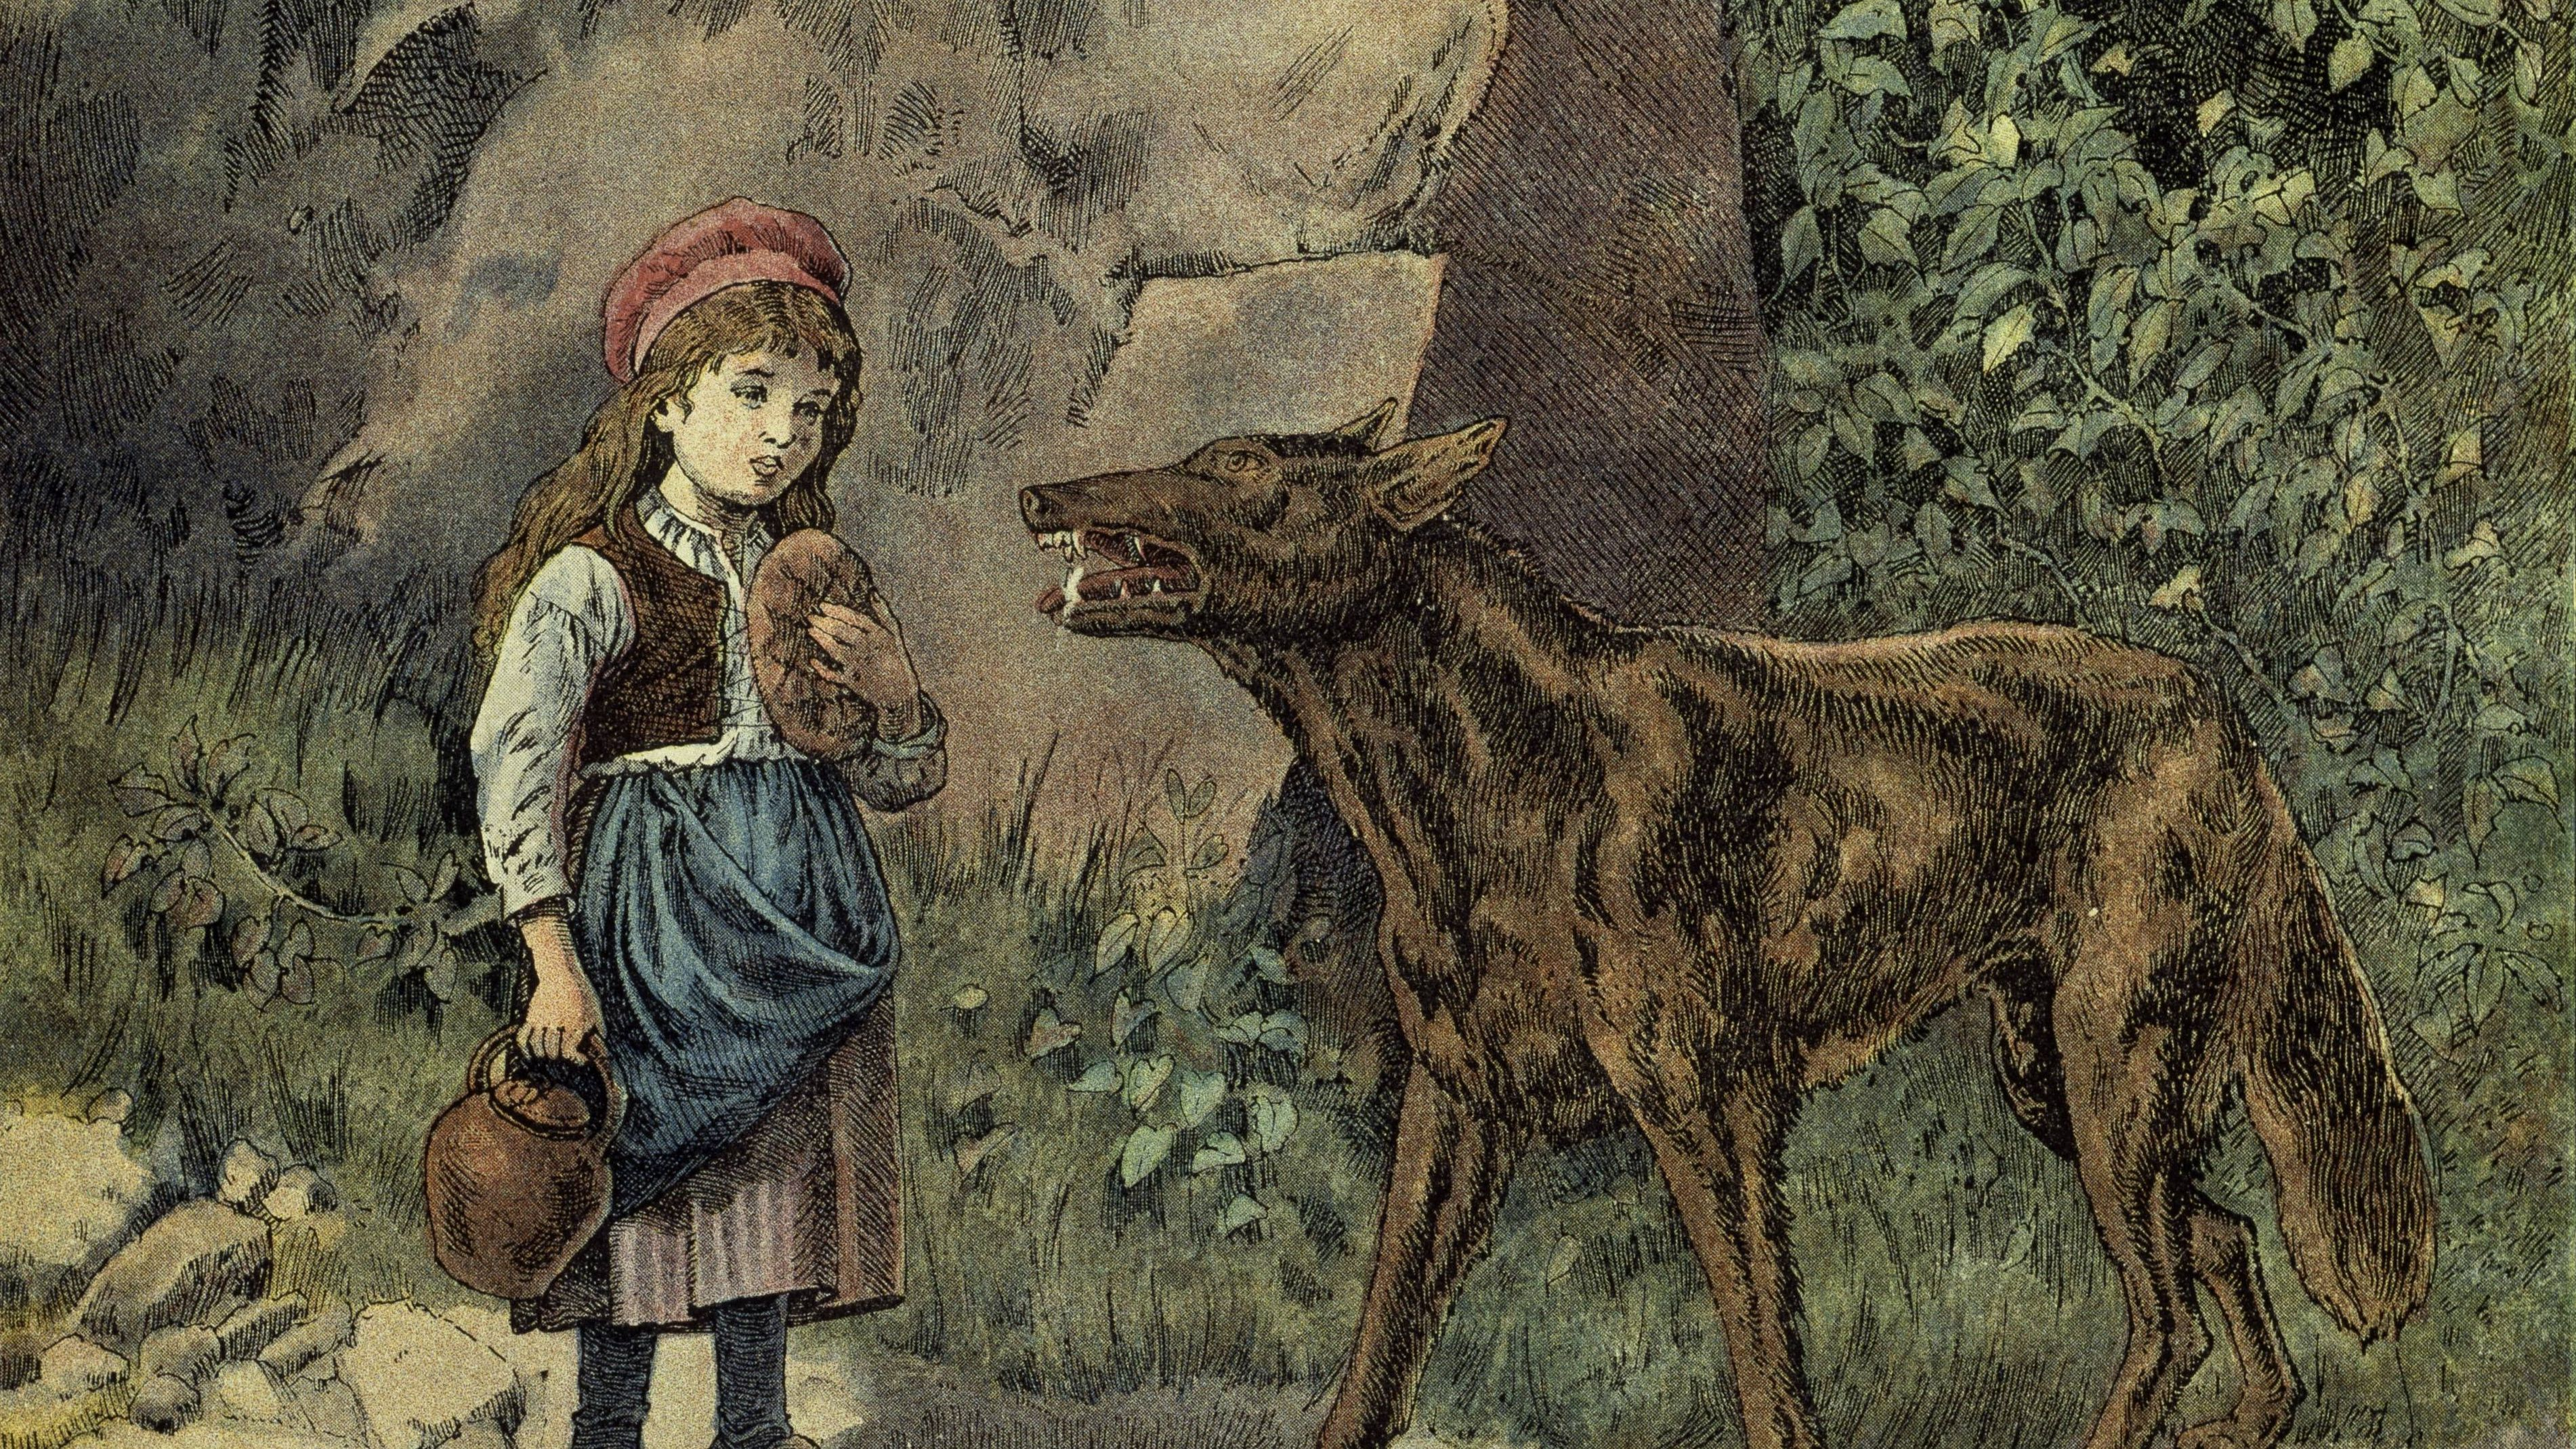 Rotkäppchen mit einer Kanne und Brot in der Hand steht dem Wolf im Wald gegenüber.